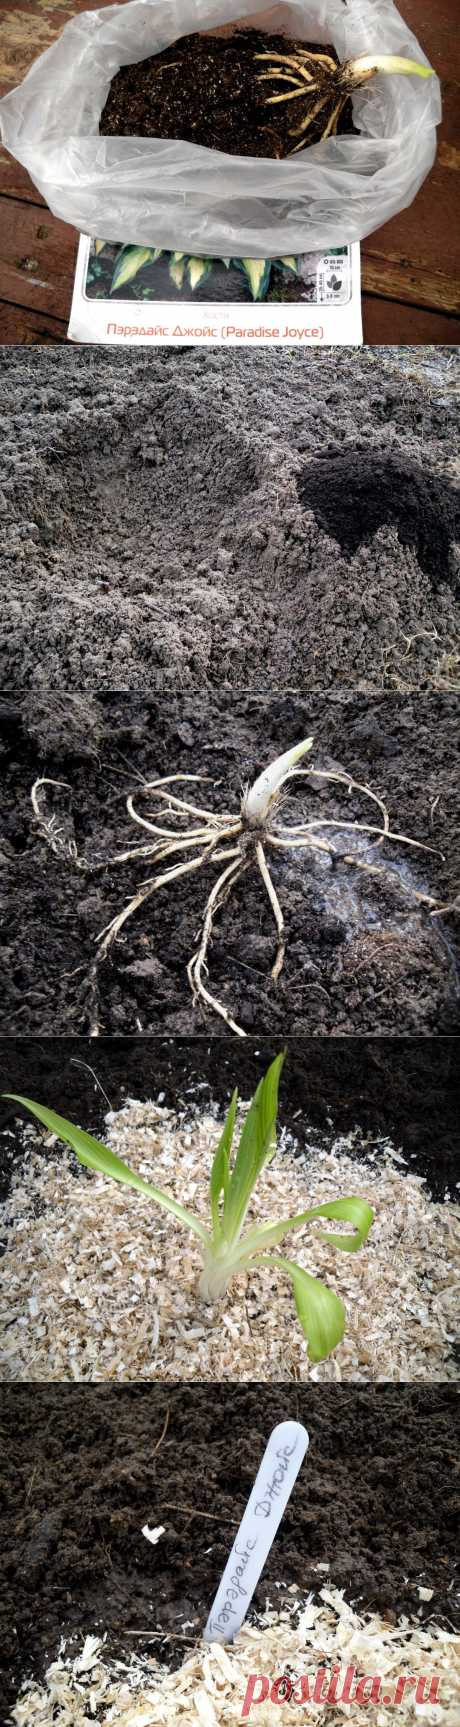 Шаг за шагом: выбираем и сажаем хосту. Весна — самое подходящее время для посадки хосты. И хотя растение это весьма неприхотливо, при выборе посадочного материала и собственно посадке нужно учитывать некоторые тонкости — о них и поговорим. Нам потребуются: посадочный материал, лопата, лейка с водой, немного торфа, а также опилки или измельченная кора. Неплохо припасти и садовые бирки, на которых напишем сорта посаженных растений.